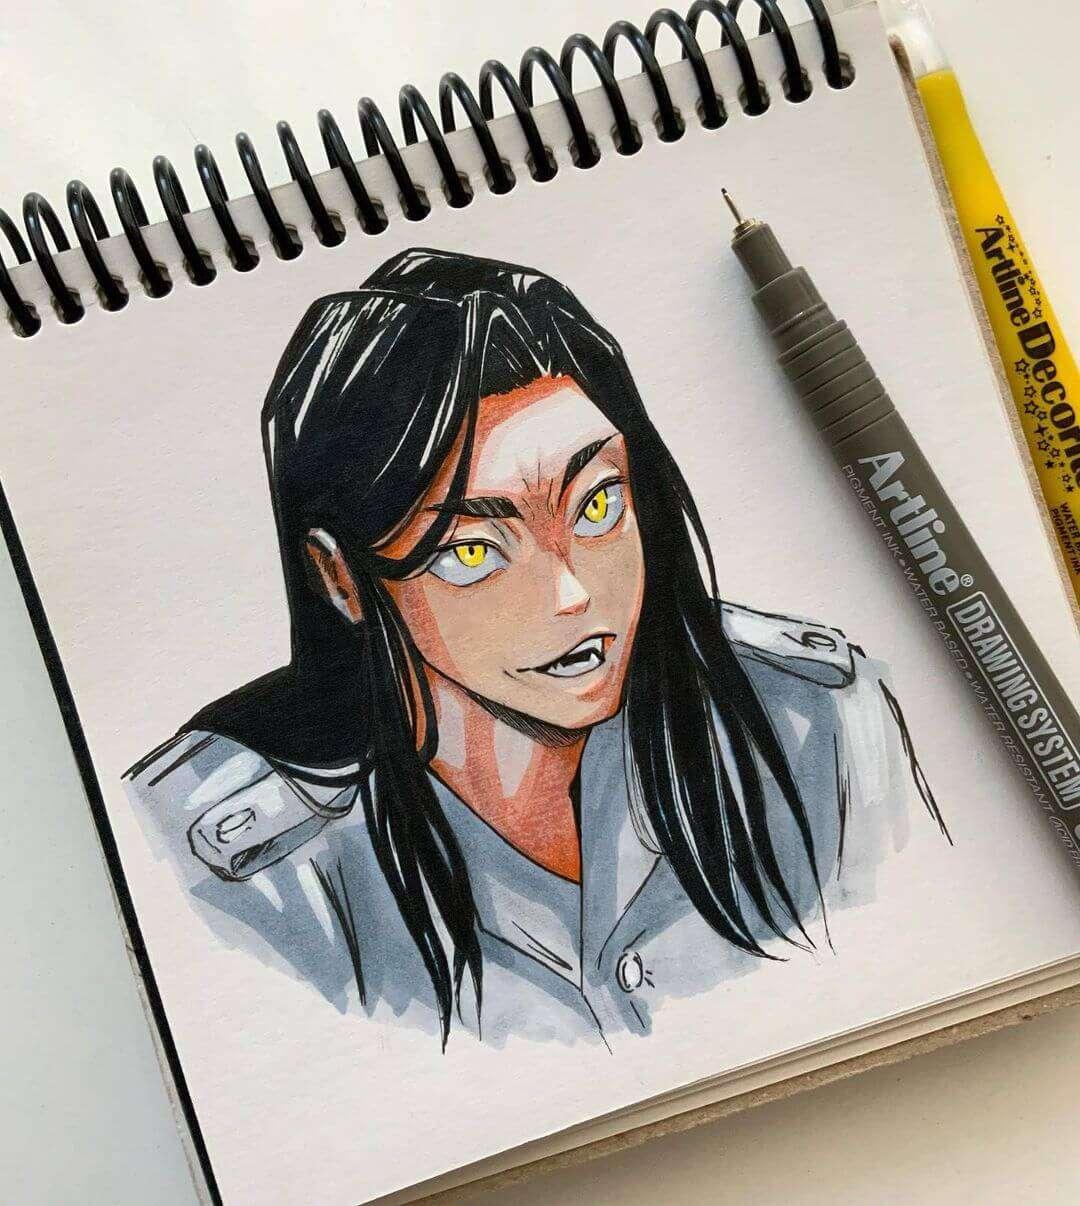 Baji Keisuke (Tokyo Revengers) by karniale